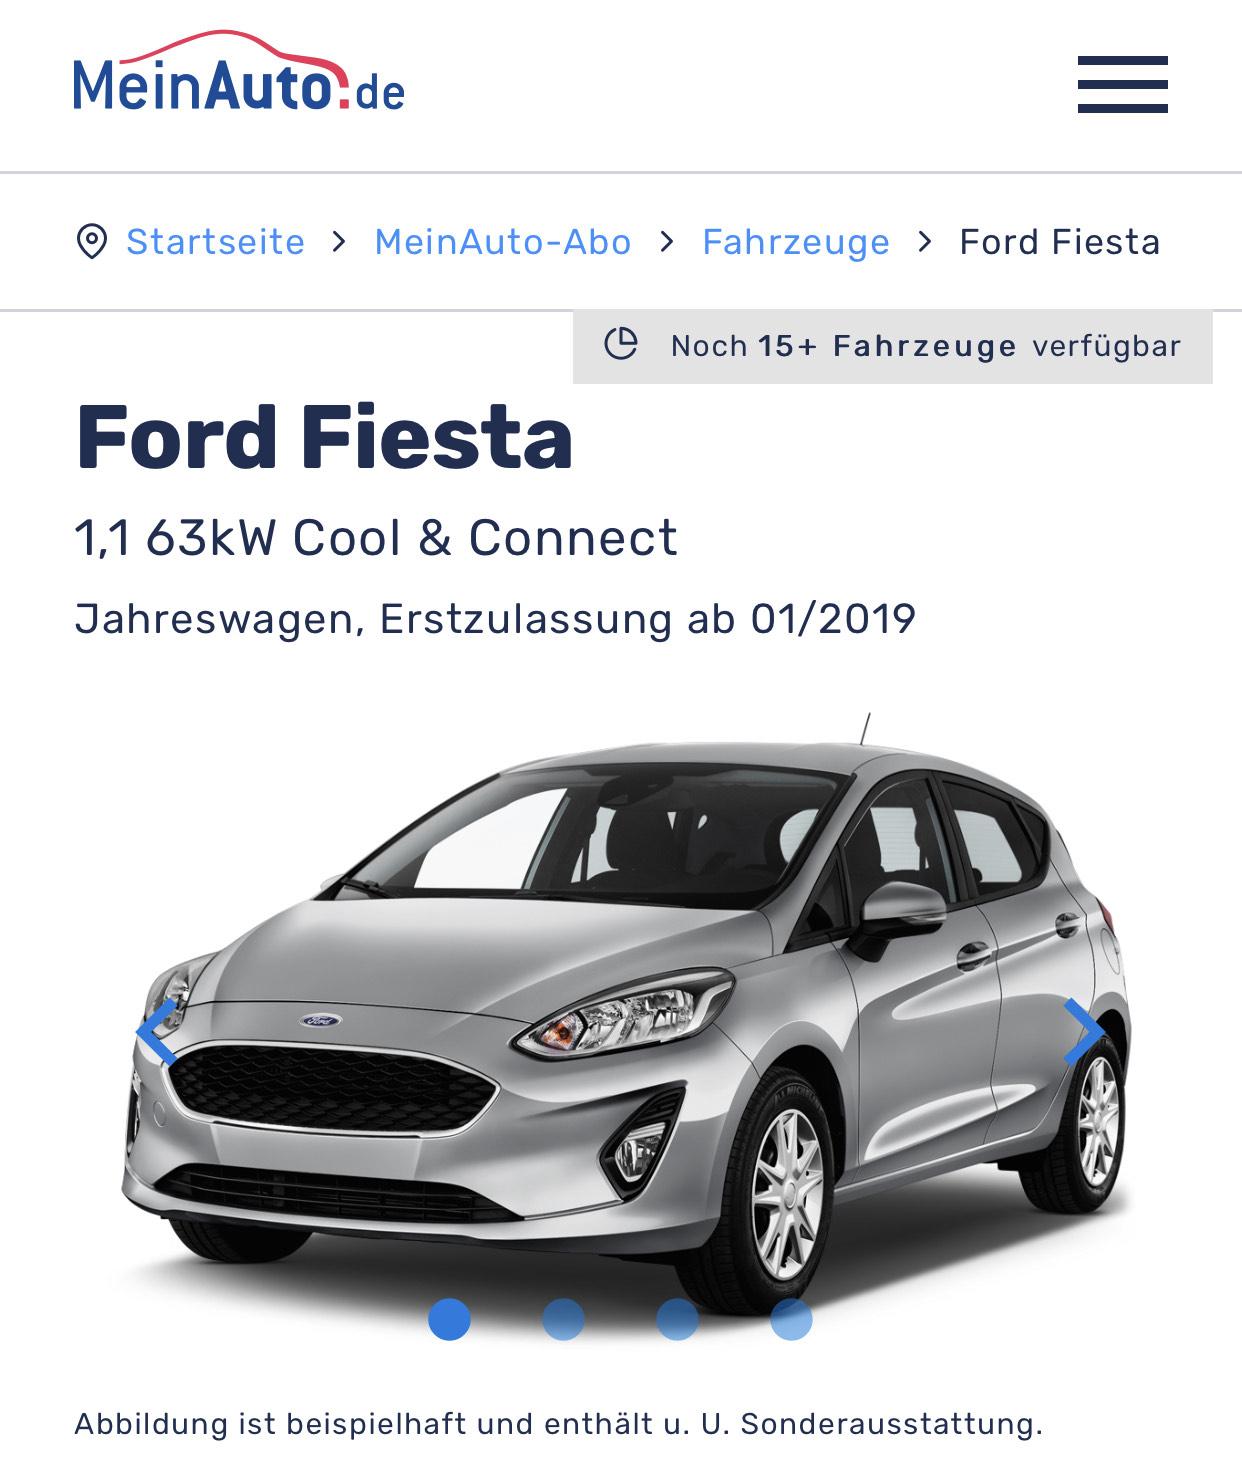 Auto Abo all inkl. Meinauto.de - Ford Fiesta für 229€ Monat /12 M. 10tsd km